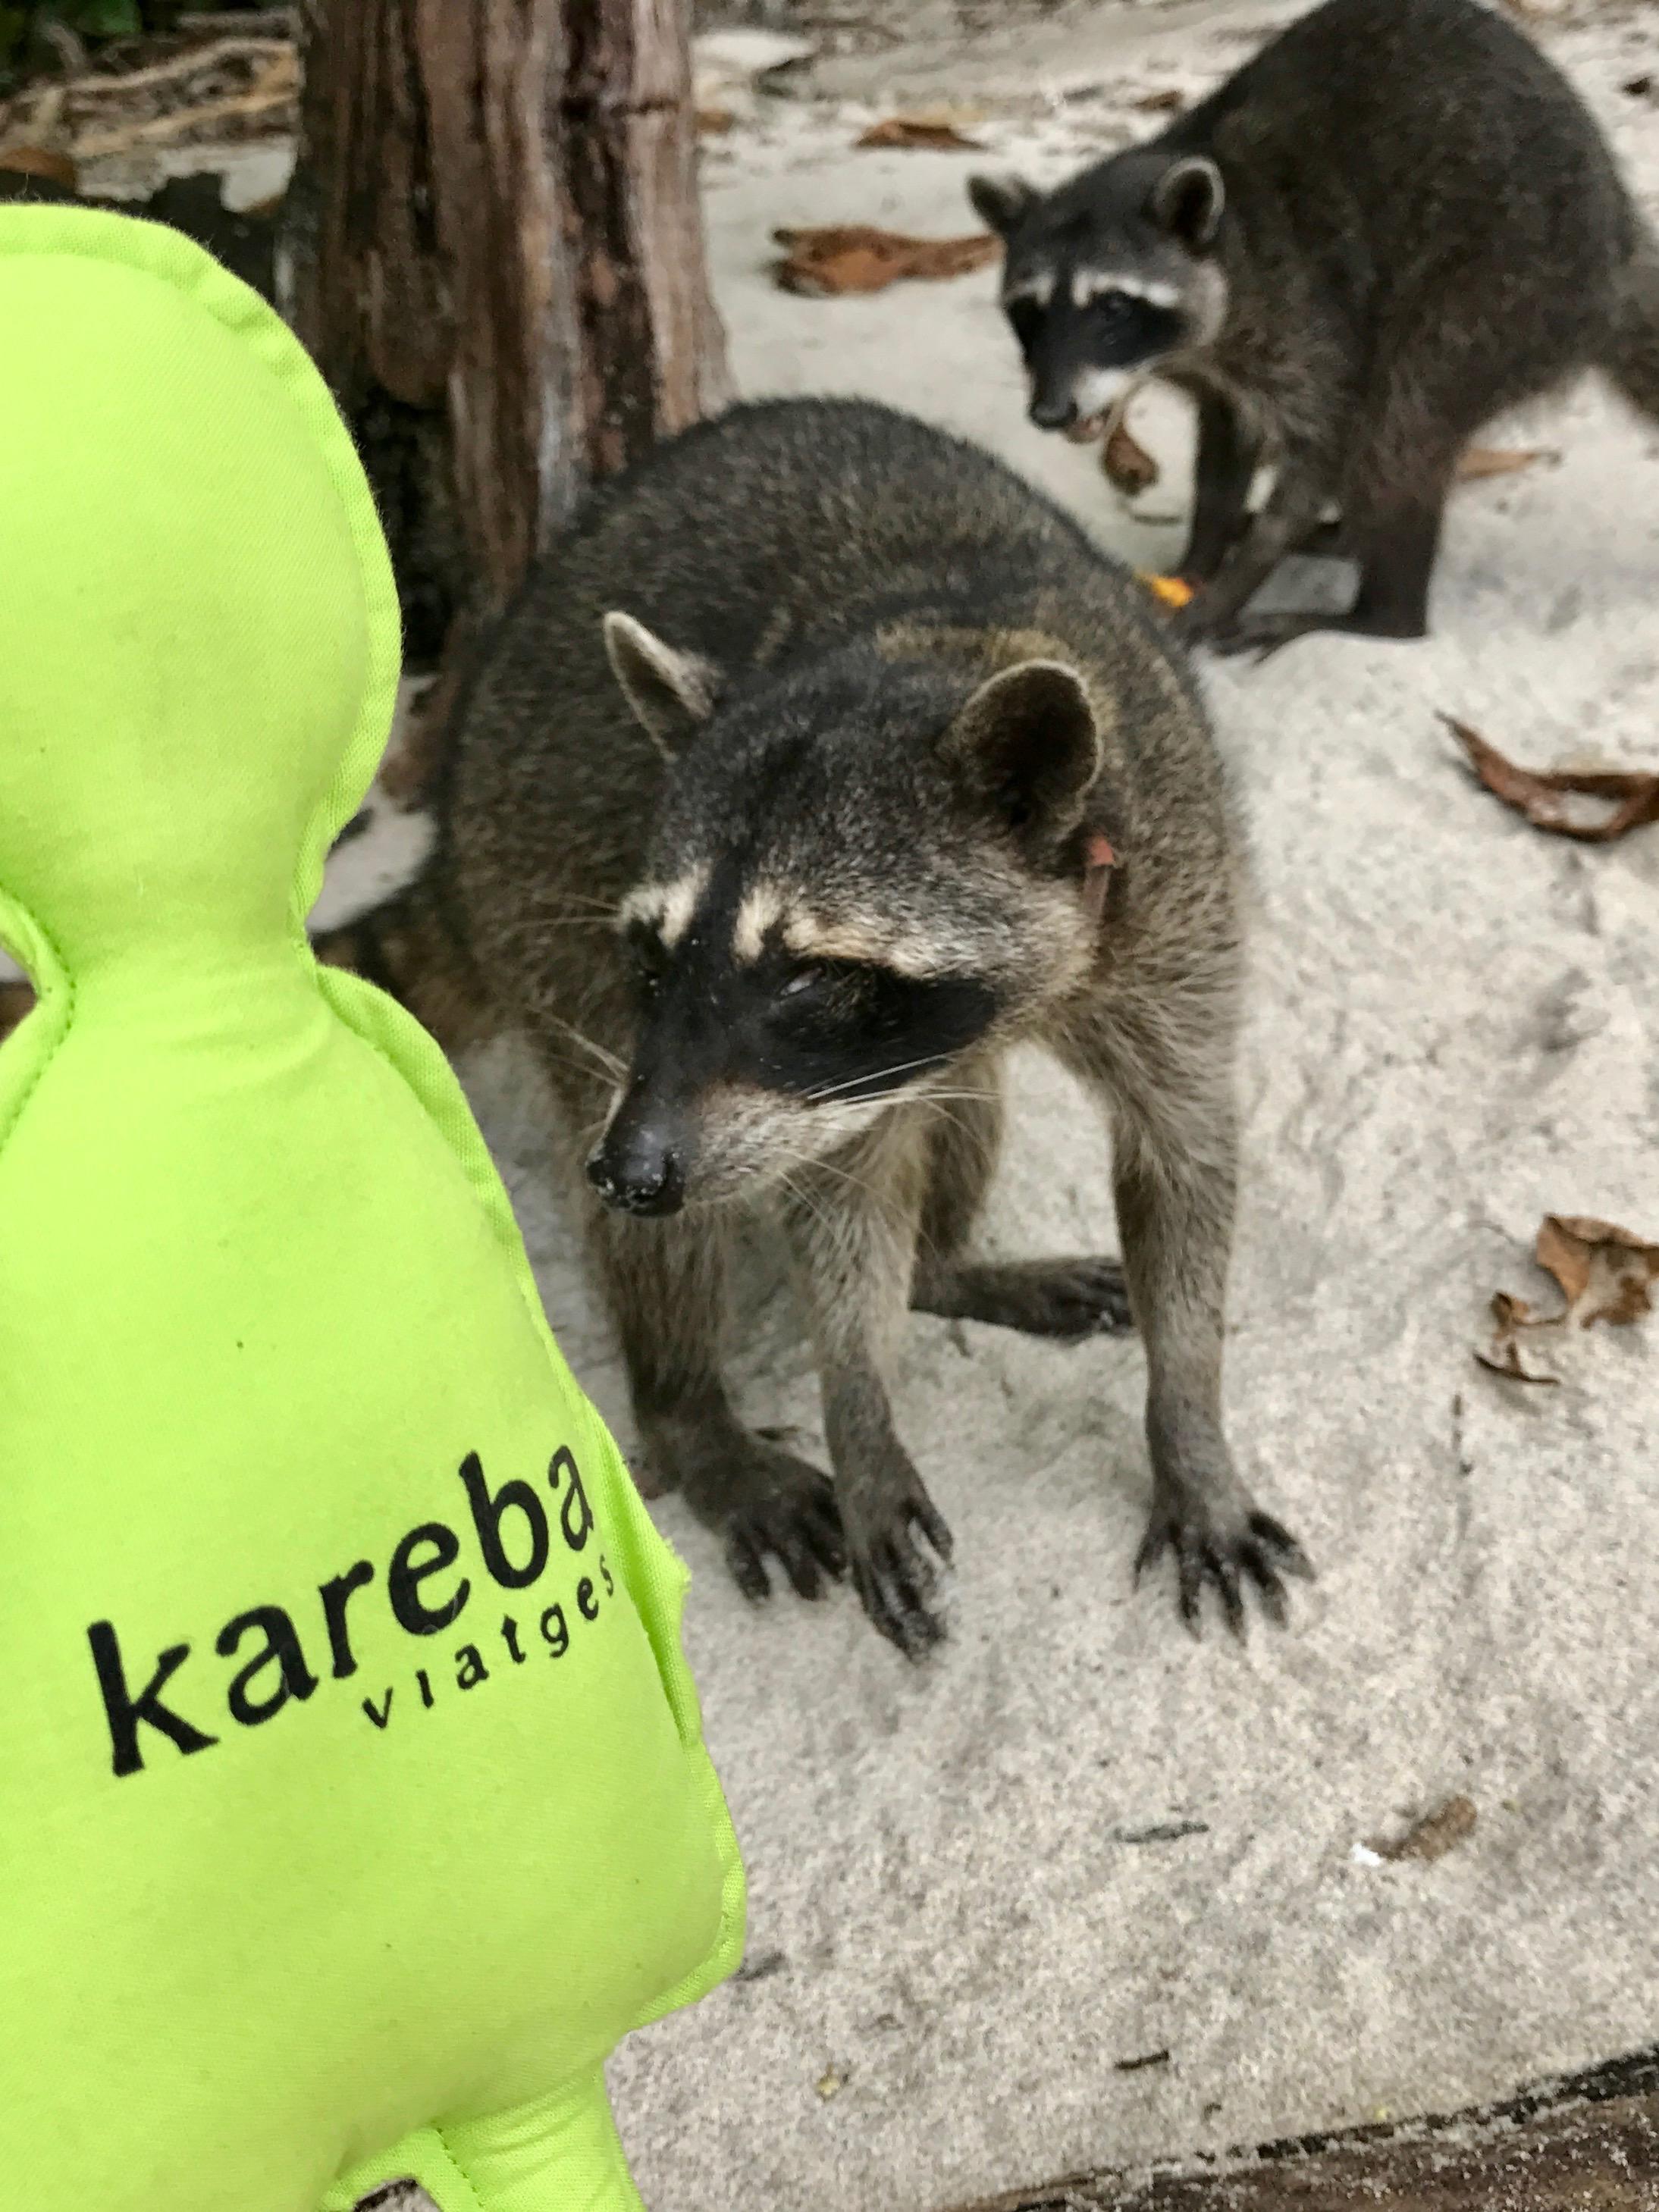 El Karebo fent amics